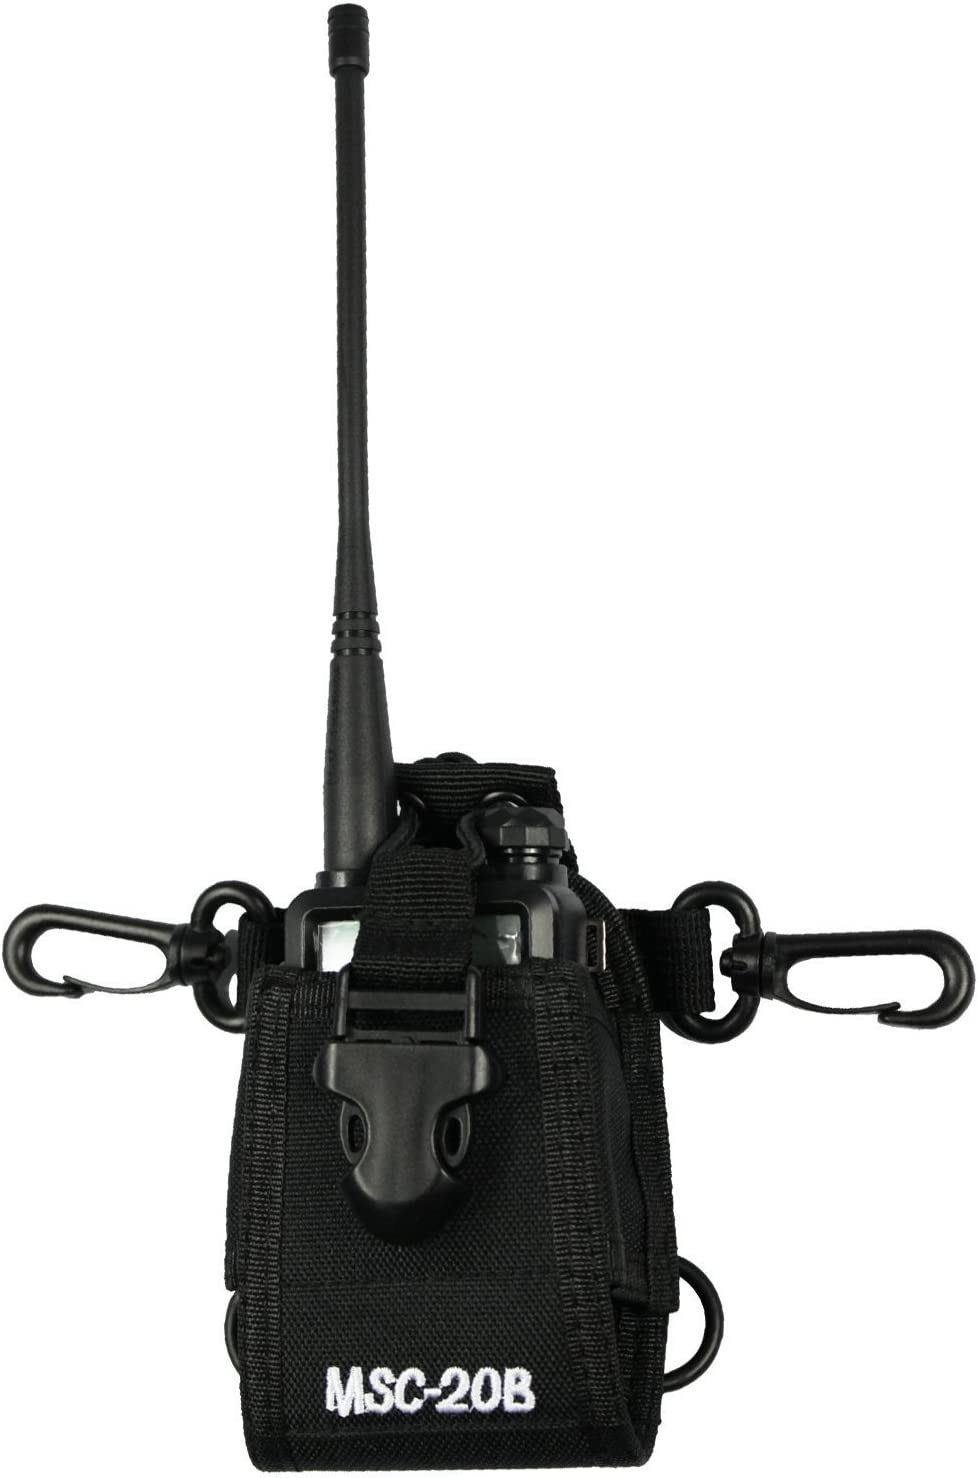 KEESIN Multi Funktions Etui Funda Halter für GPS-Telefon Motorola ...